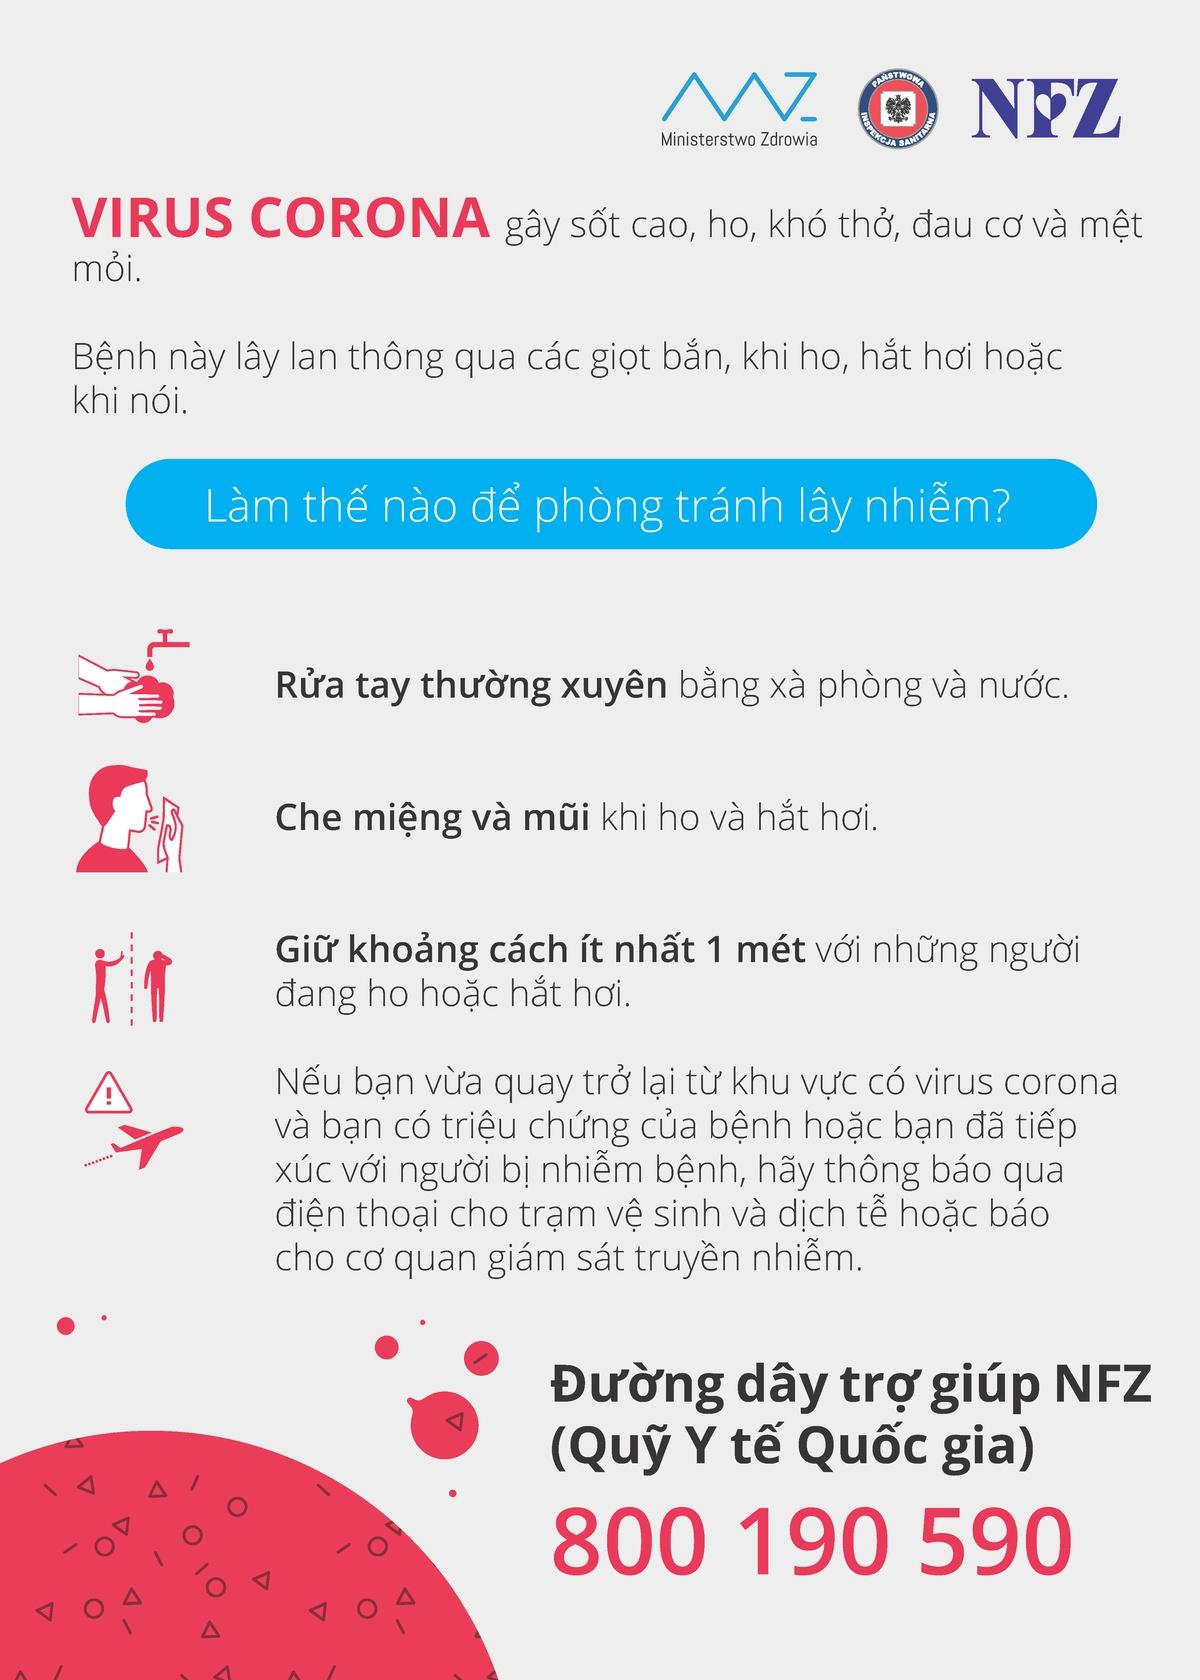 UWAGA! Koronawirus wciąż się rozprzestrzenia - język wietnamski